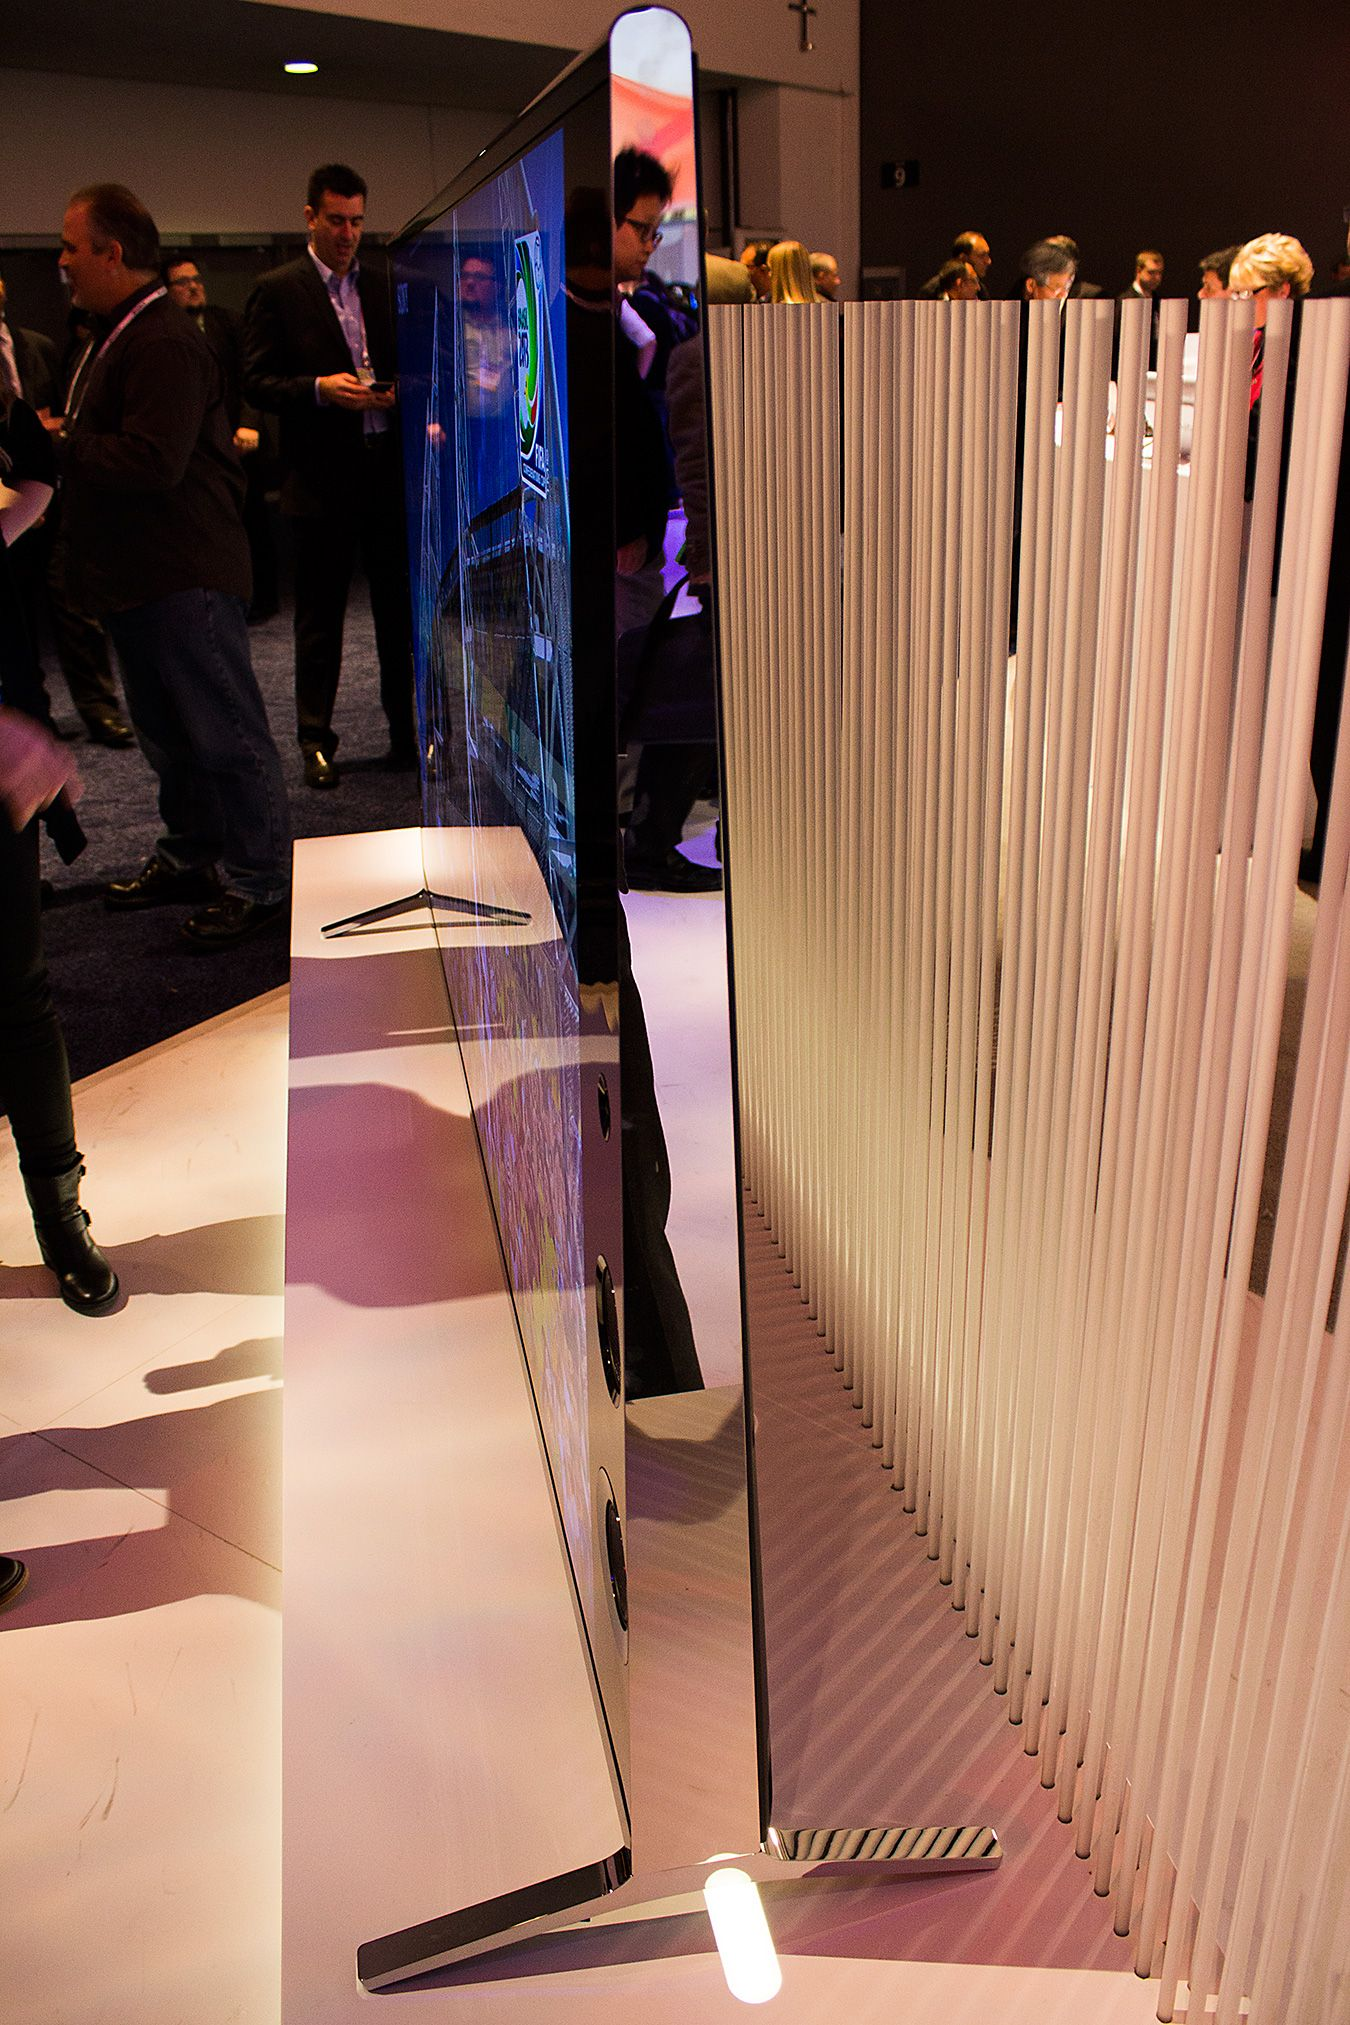 Mens mange prøver å lage LED-TV-ene sine så slanke som mulig, satser Sony på mer stabile, frittstående design.Foto: Varg Aamo, Hardware.no